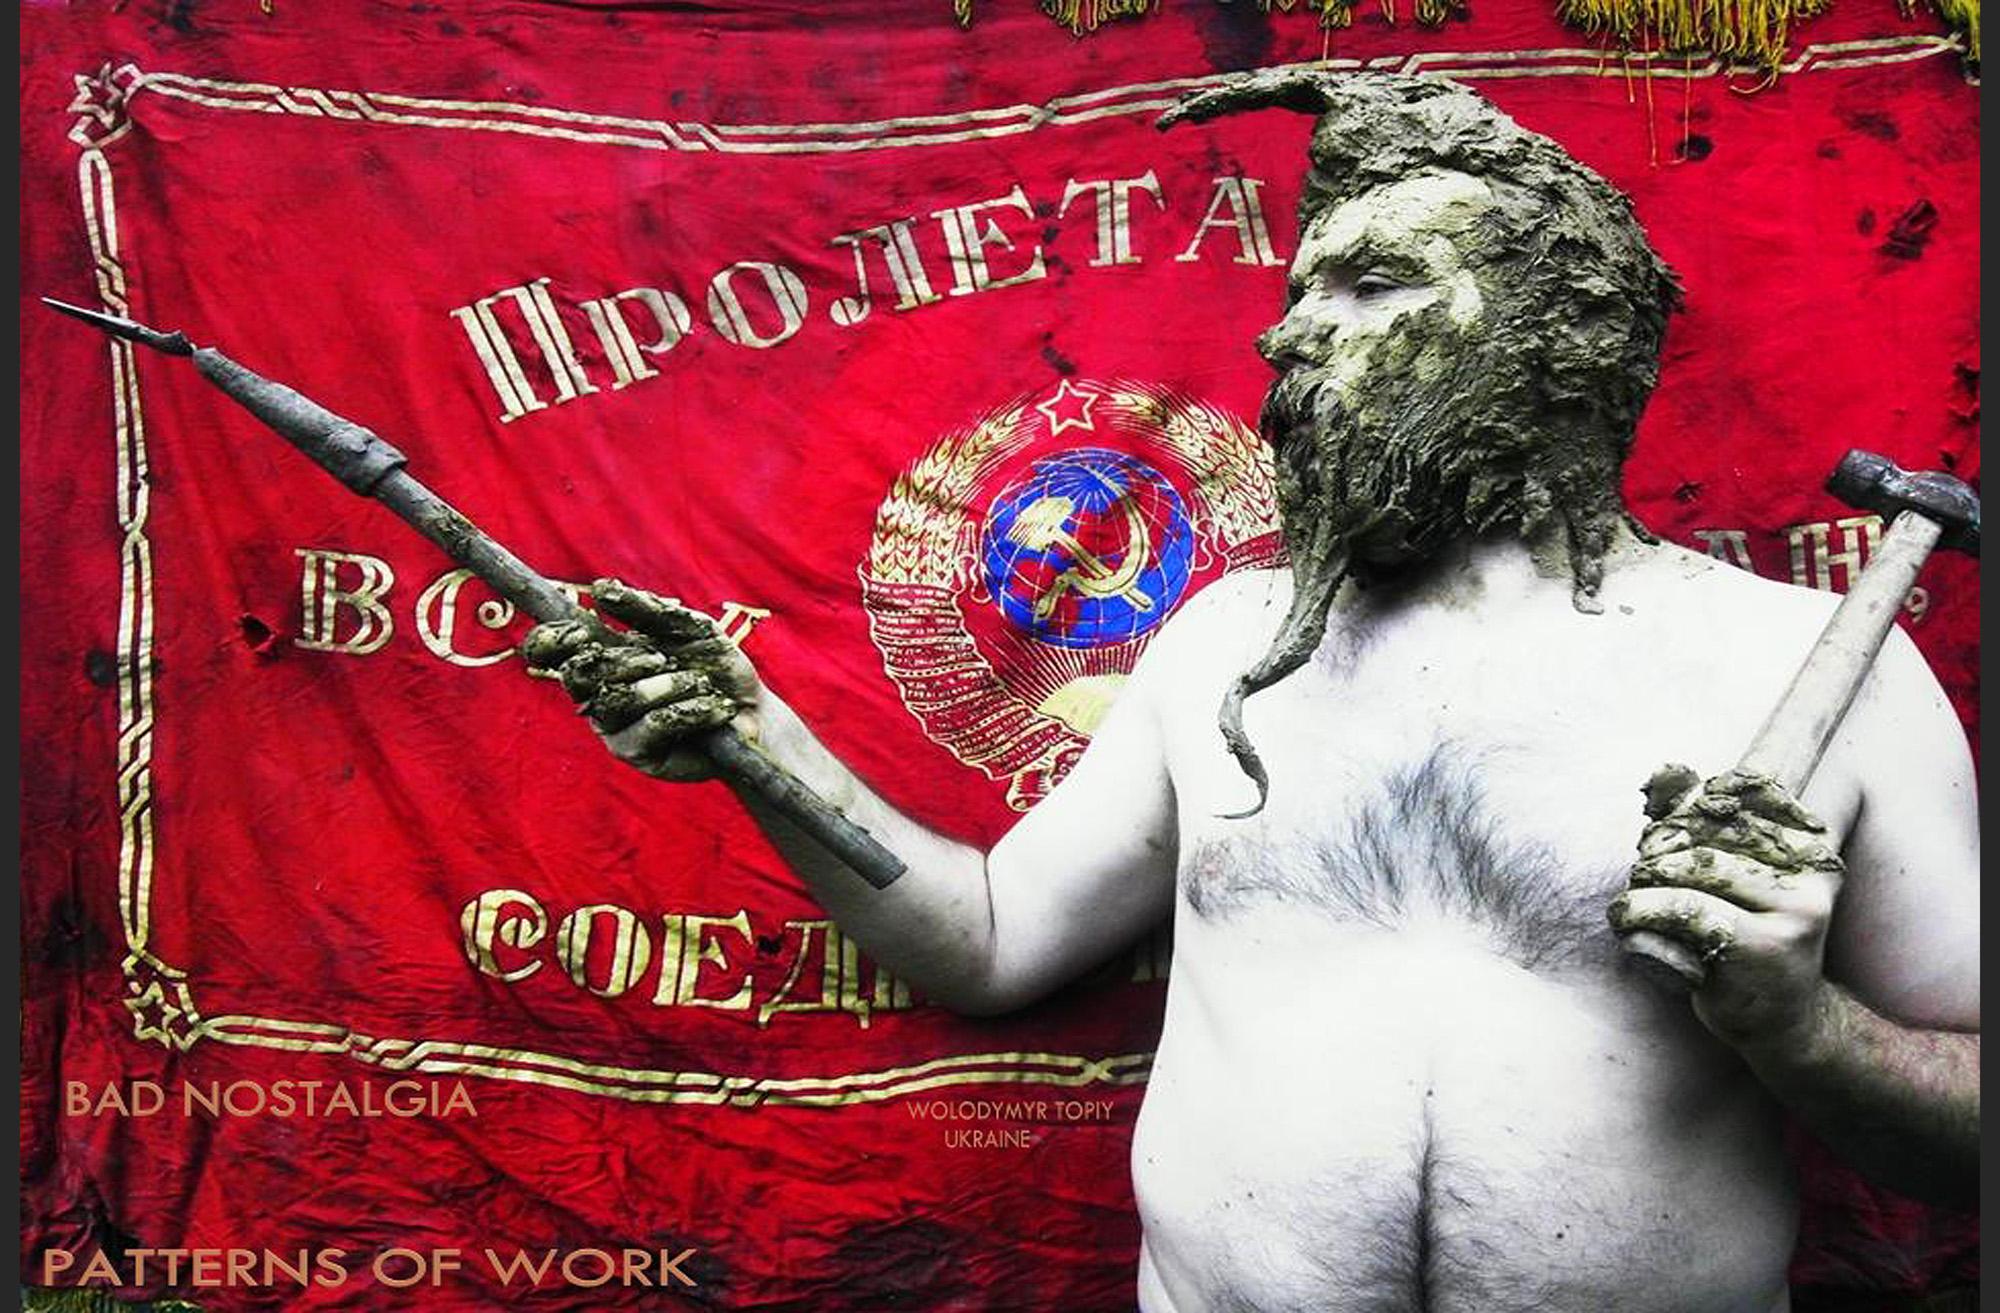 Wolodymyr Topiy, Ukraine